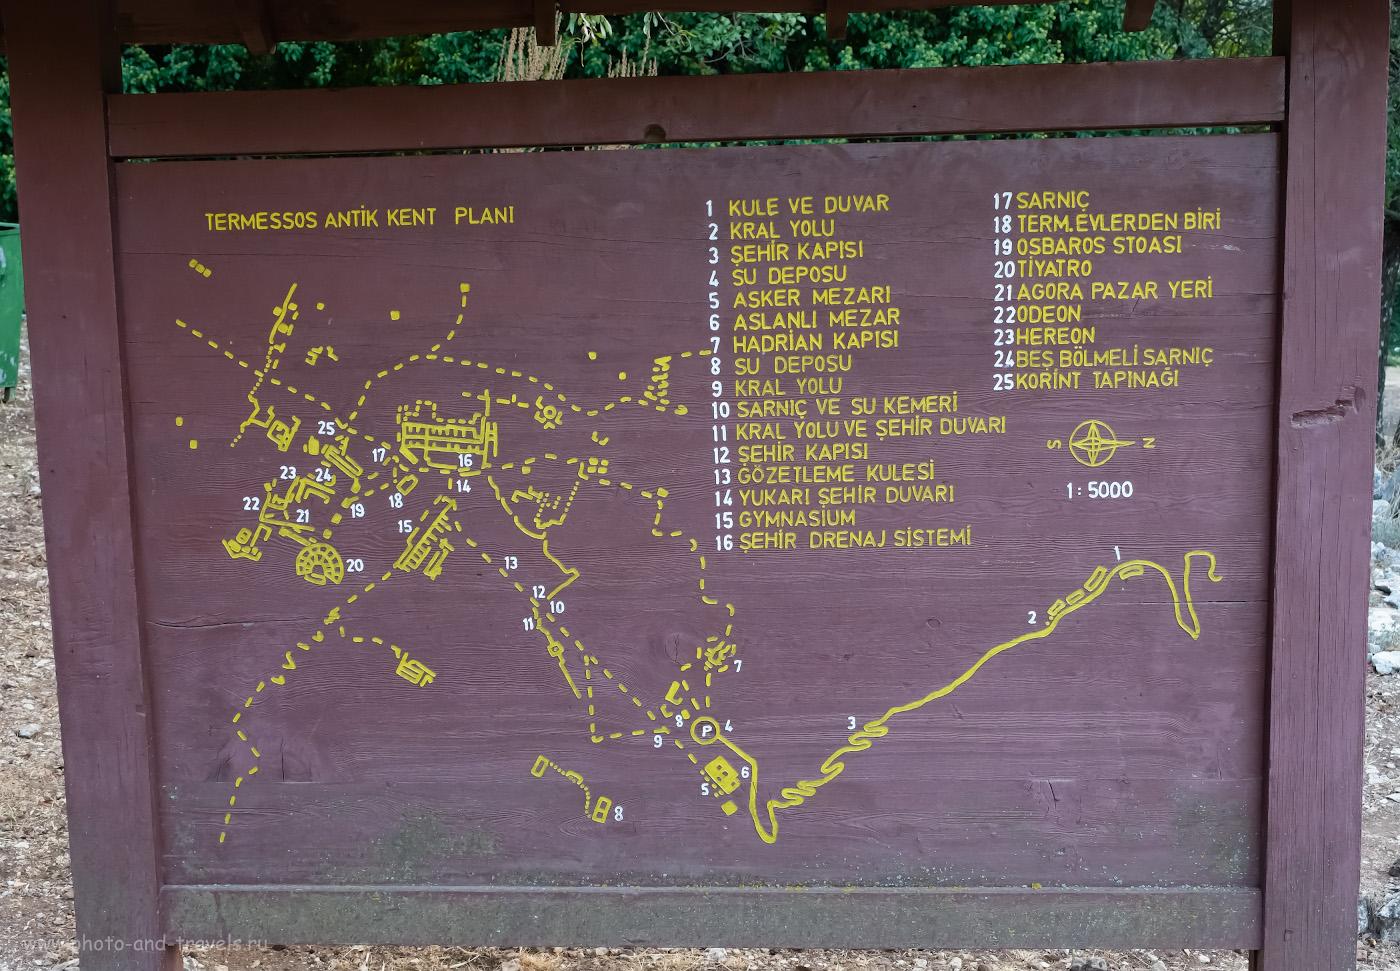 15. Схема расположения достопримечательностей на территории археологического комплекса Termessos Antik Kenti. 1/60, 8.0, 3200, +0.33, 25.